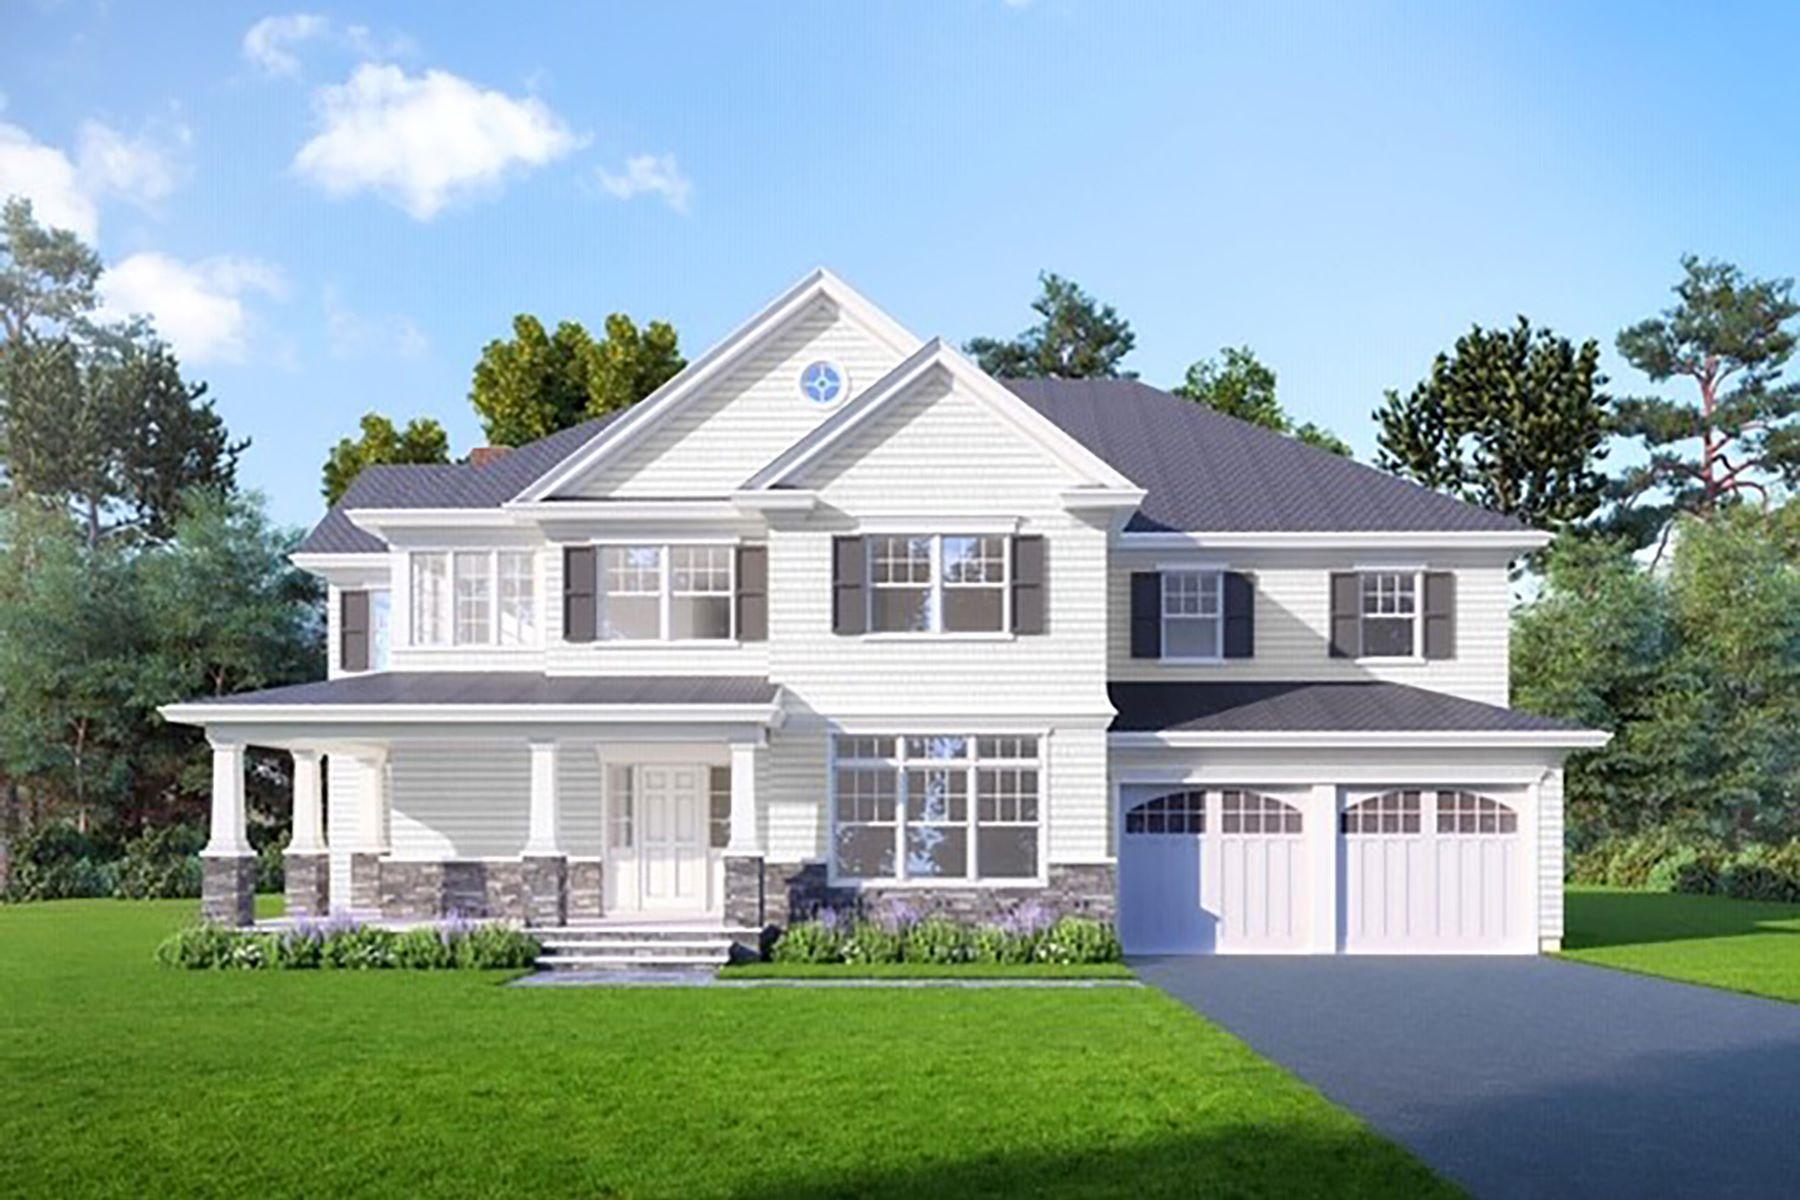 独户住宅 为 销售 在 Stunning New Construction in Exclusive Grange Estate Area of Scarsdale 26 Fairview Road 斯卡斯代尔, 纽约 10583 美国